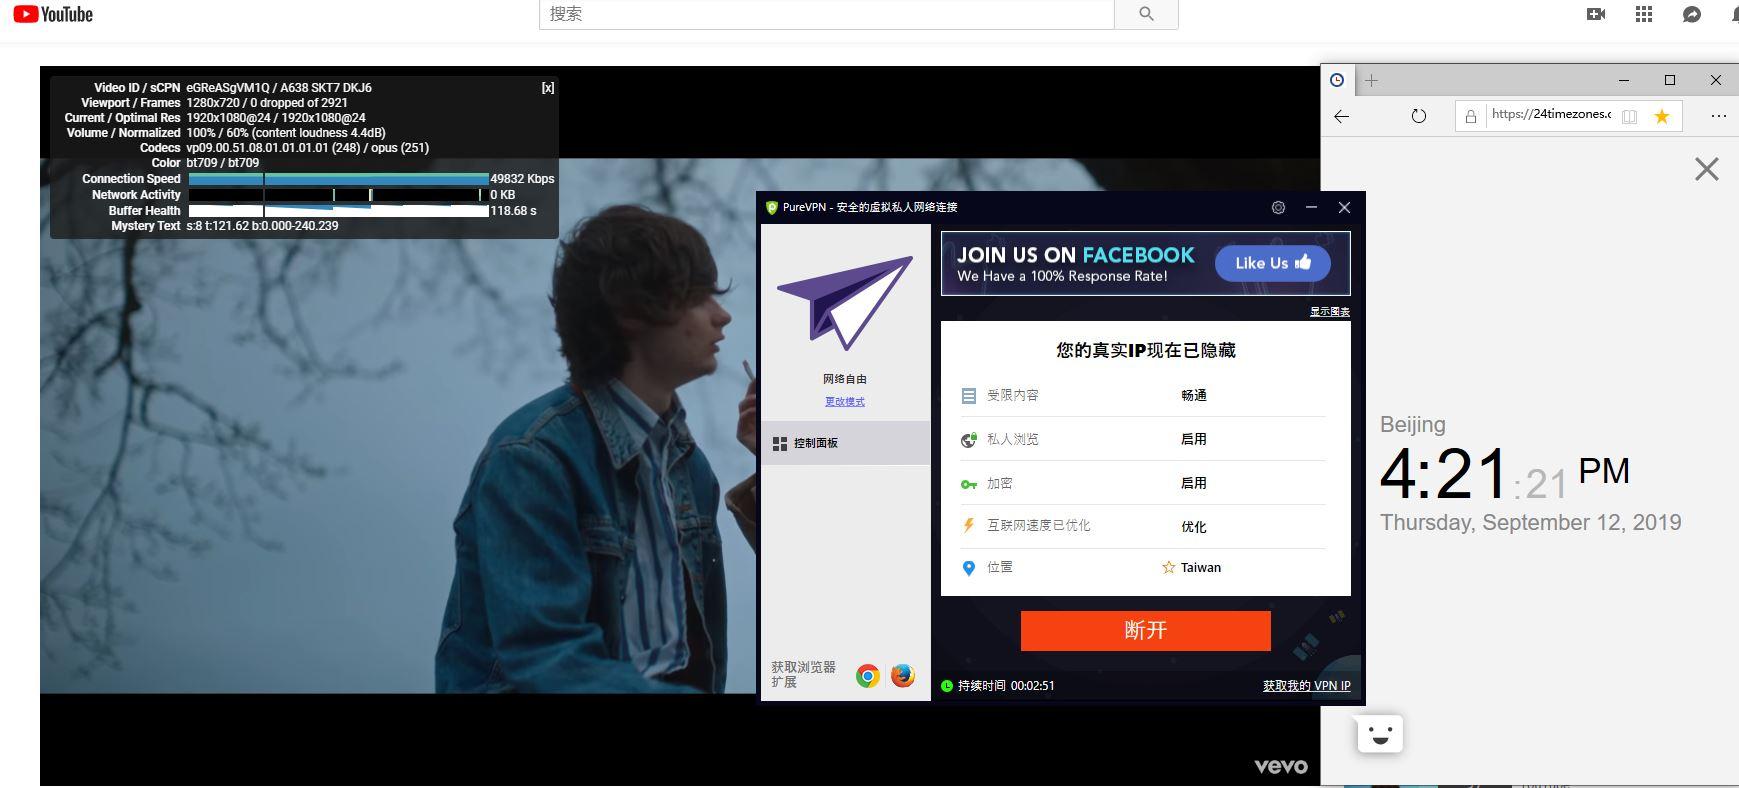 window10 PureVPN taiwan 服务器 中国VPN翻墙 科学上网-20190912